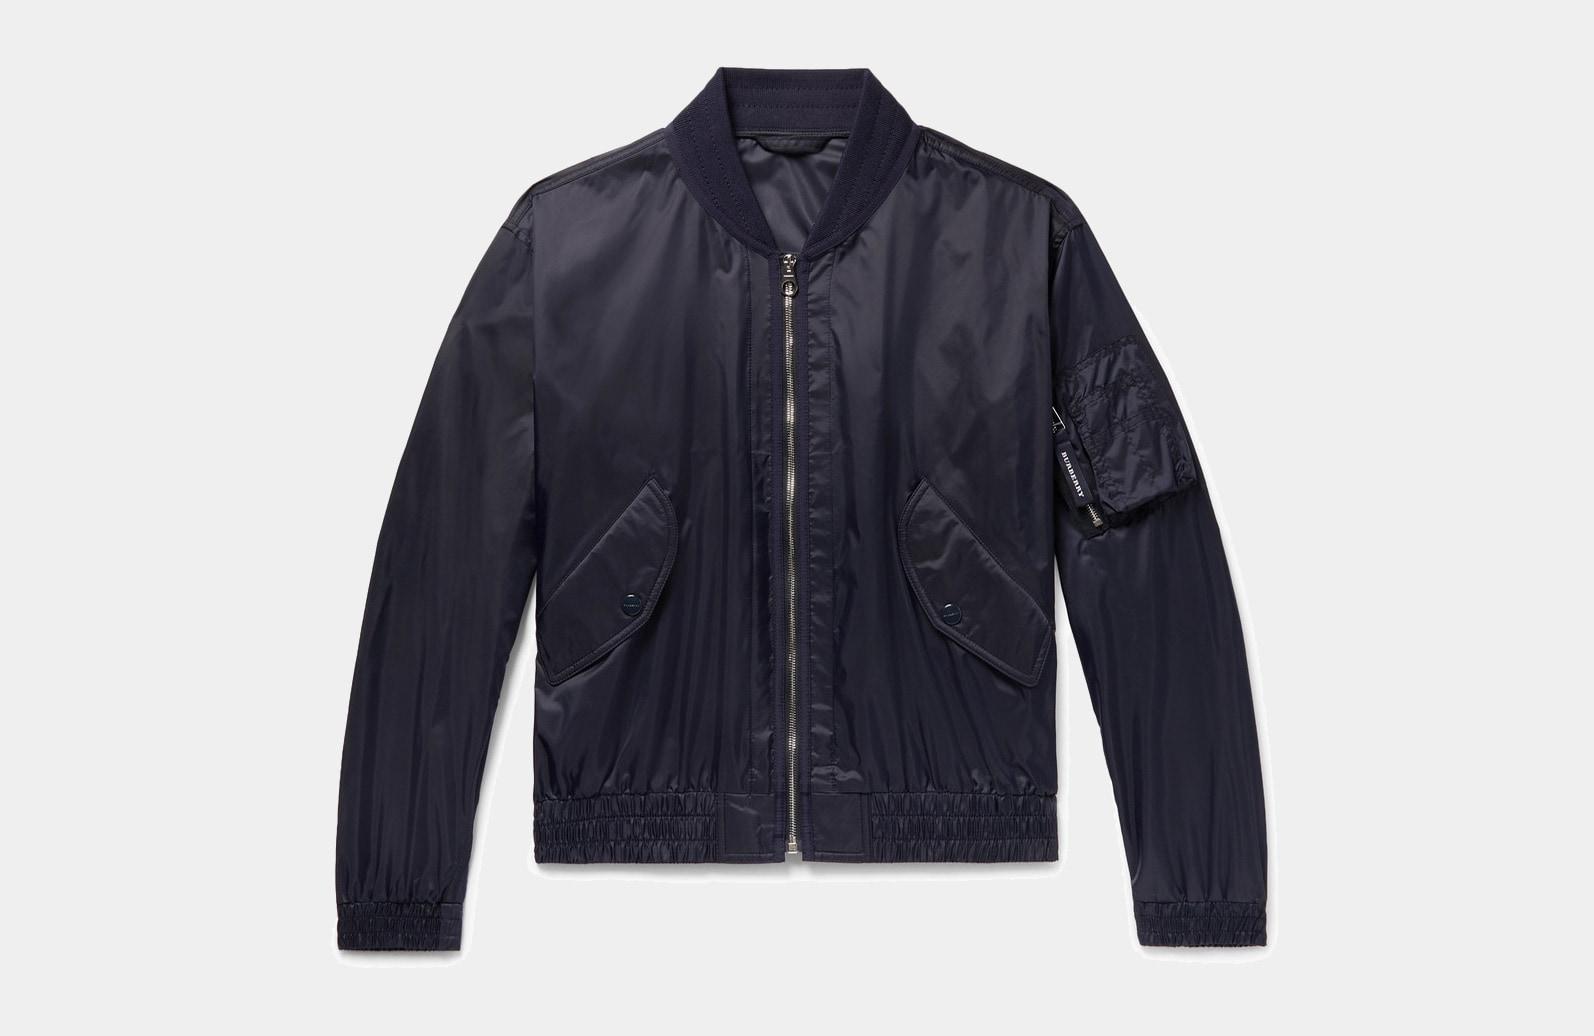 best blue bomber jacket men Burberry luxury style - Luxe Digital